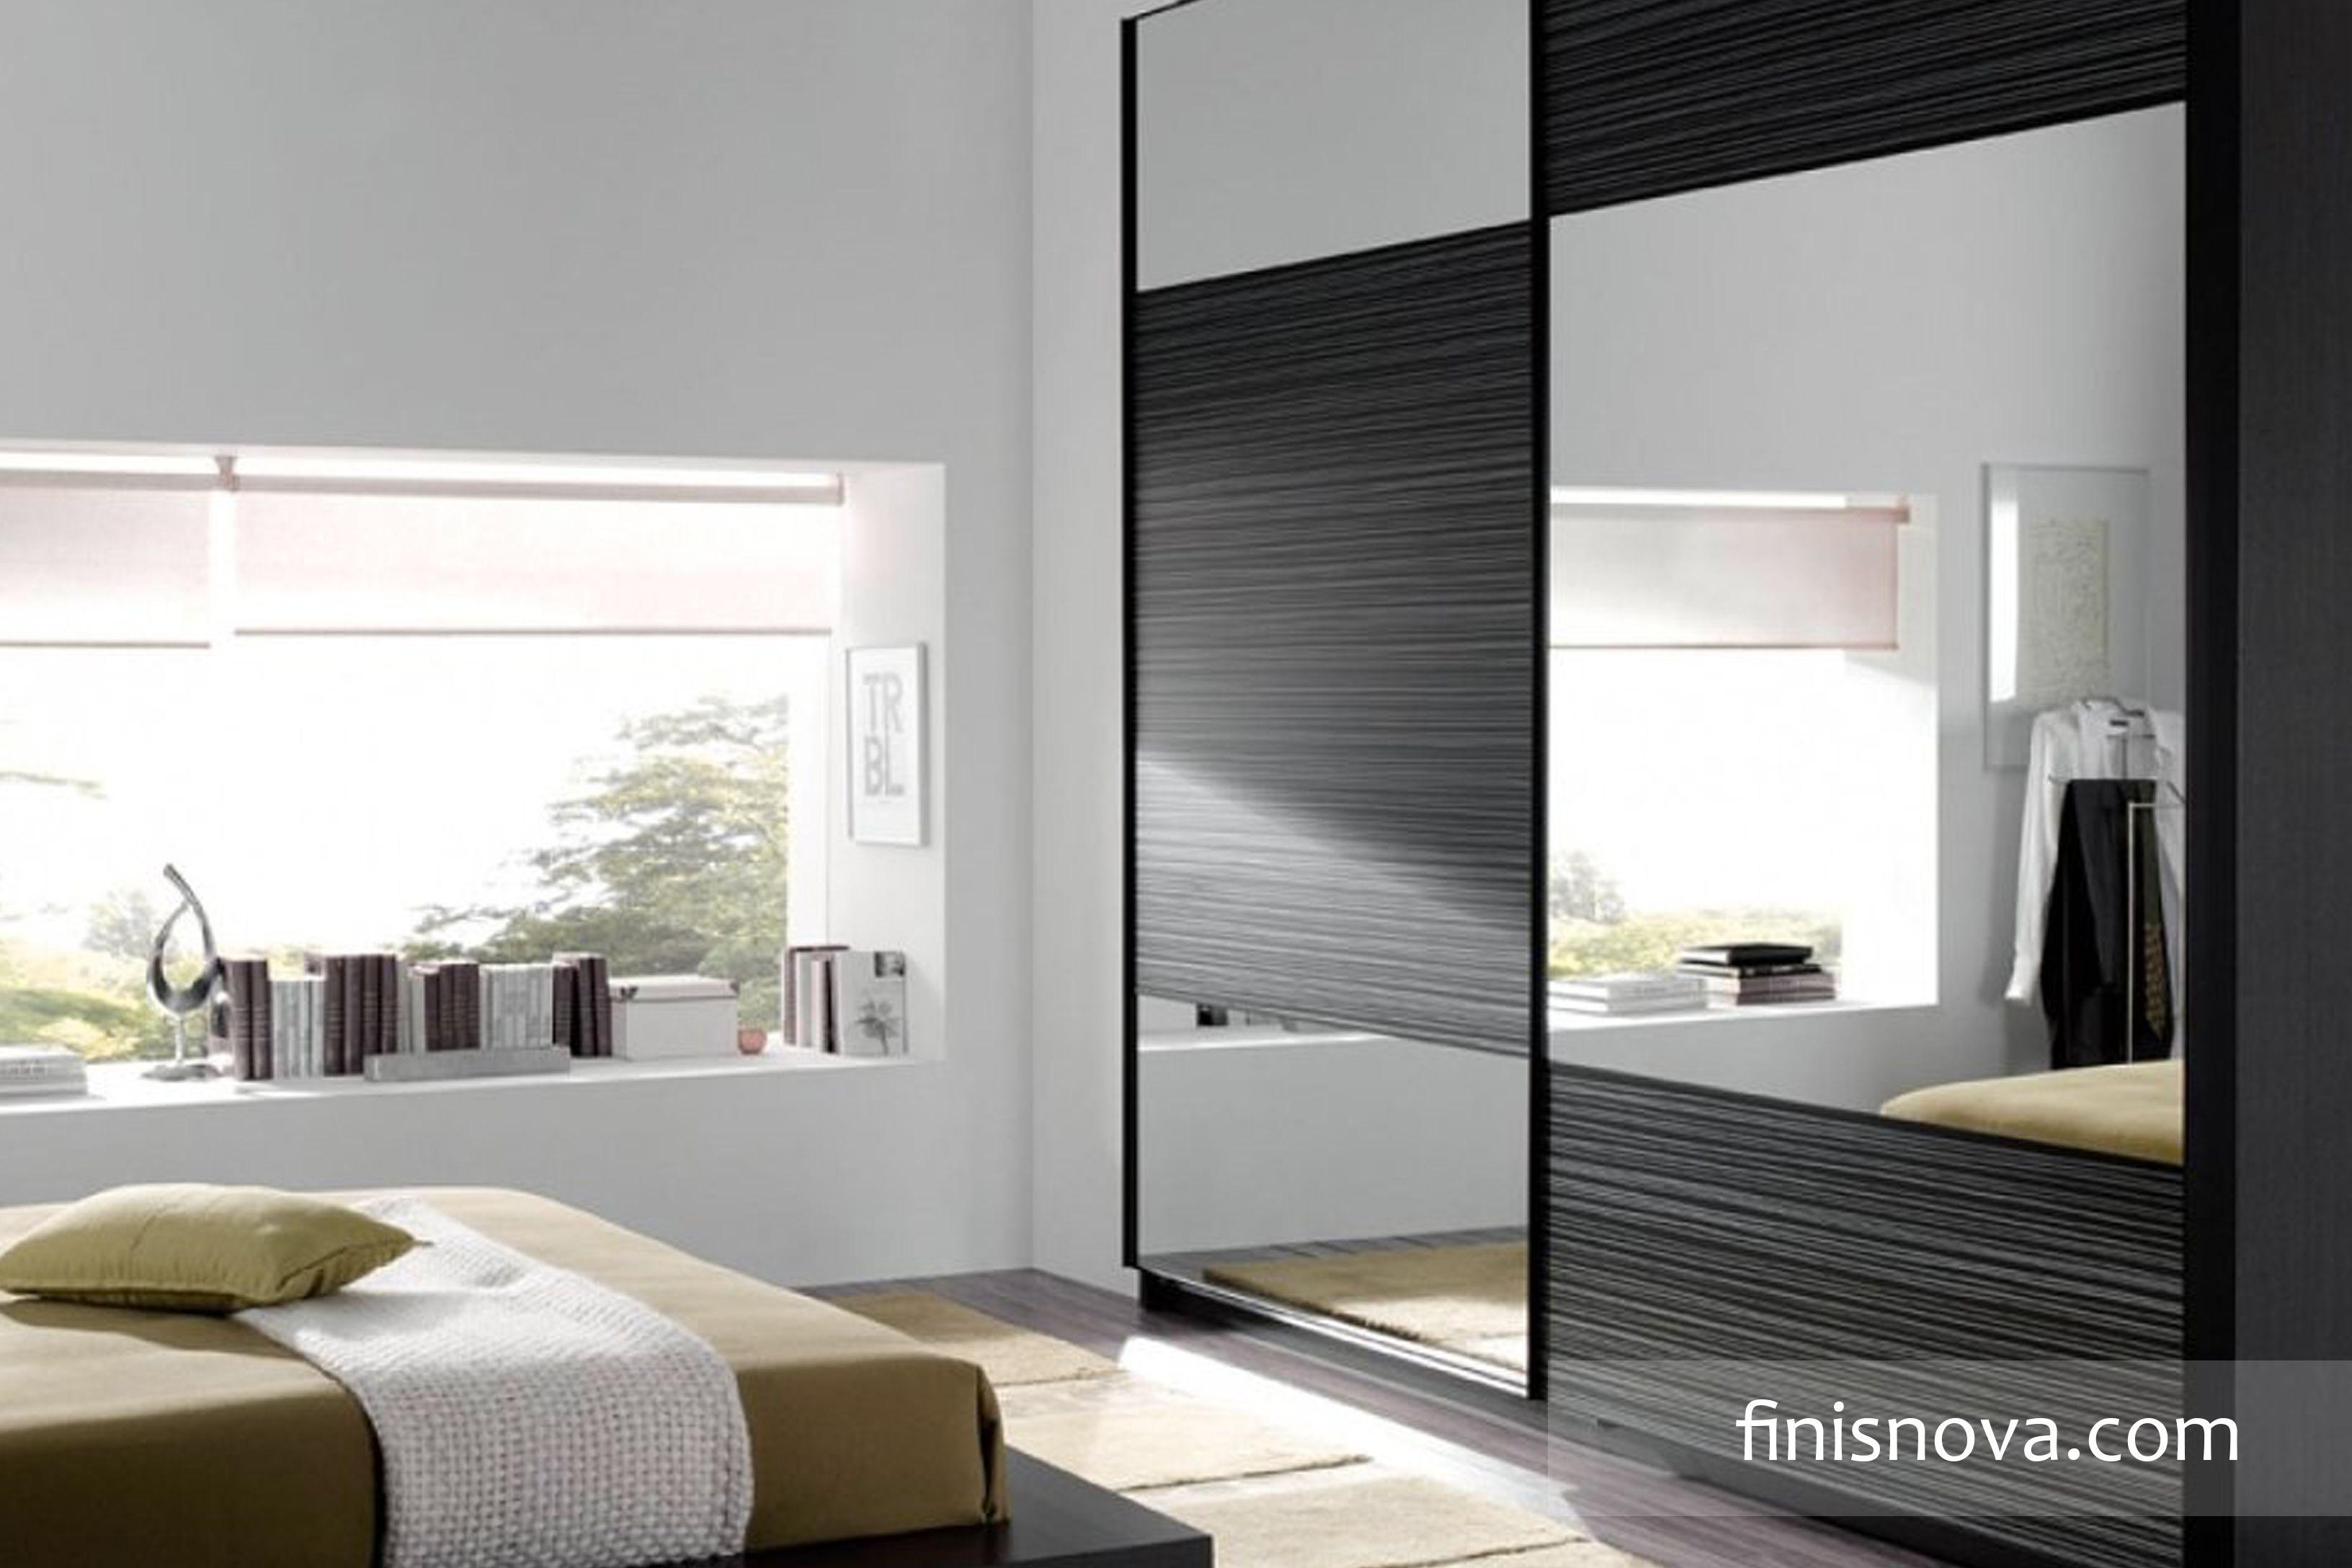 Decora Utilizando Espejos Grandes En Tu Habitaci N Proporcionaras  ~ Vestidores En Habitaciones Pequeñas